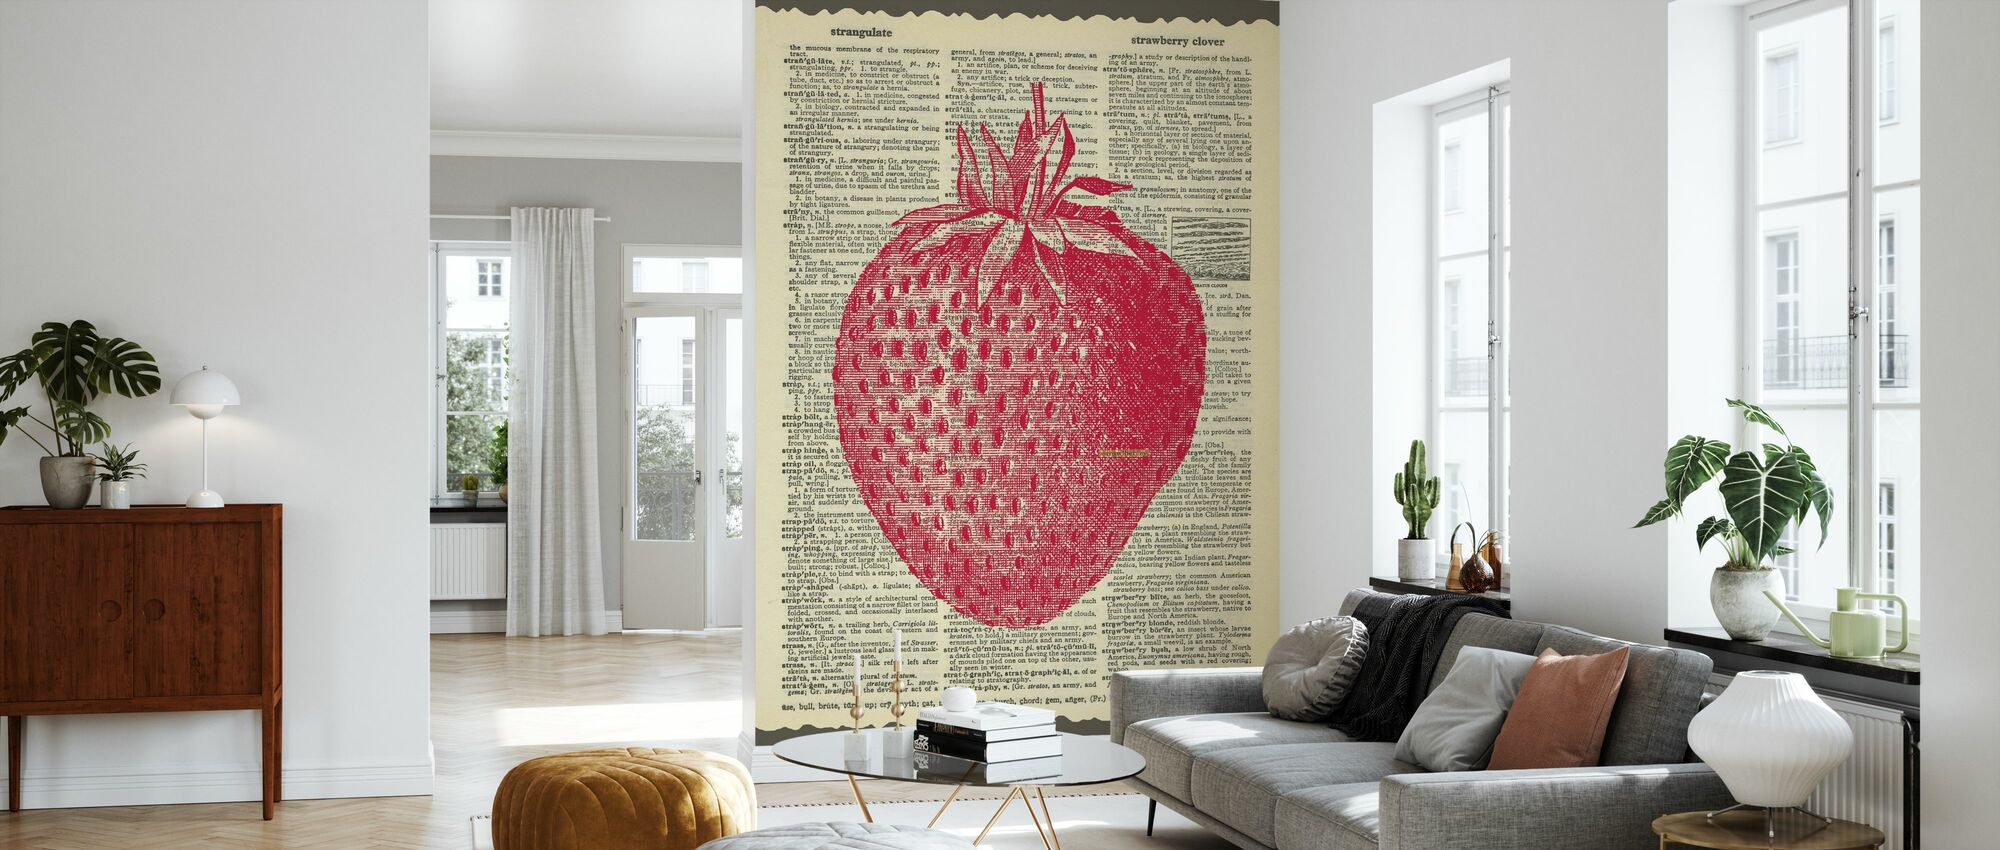 Erdbeere und Text - Tapete - Wohnzimmer